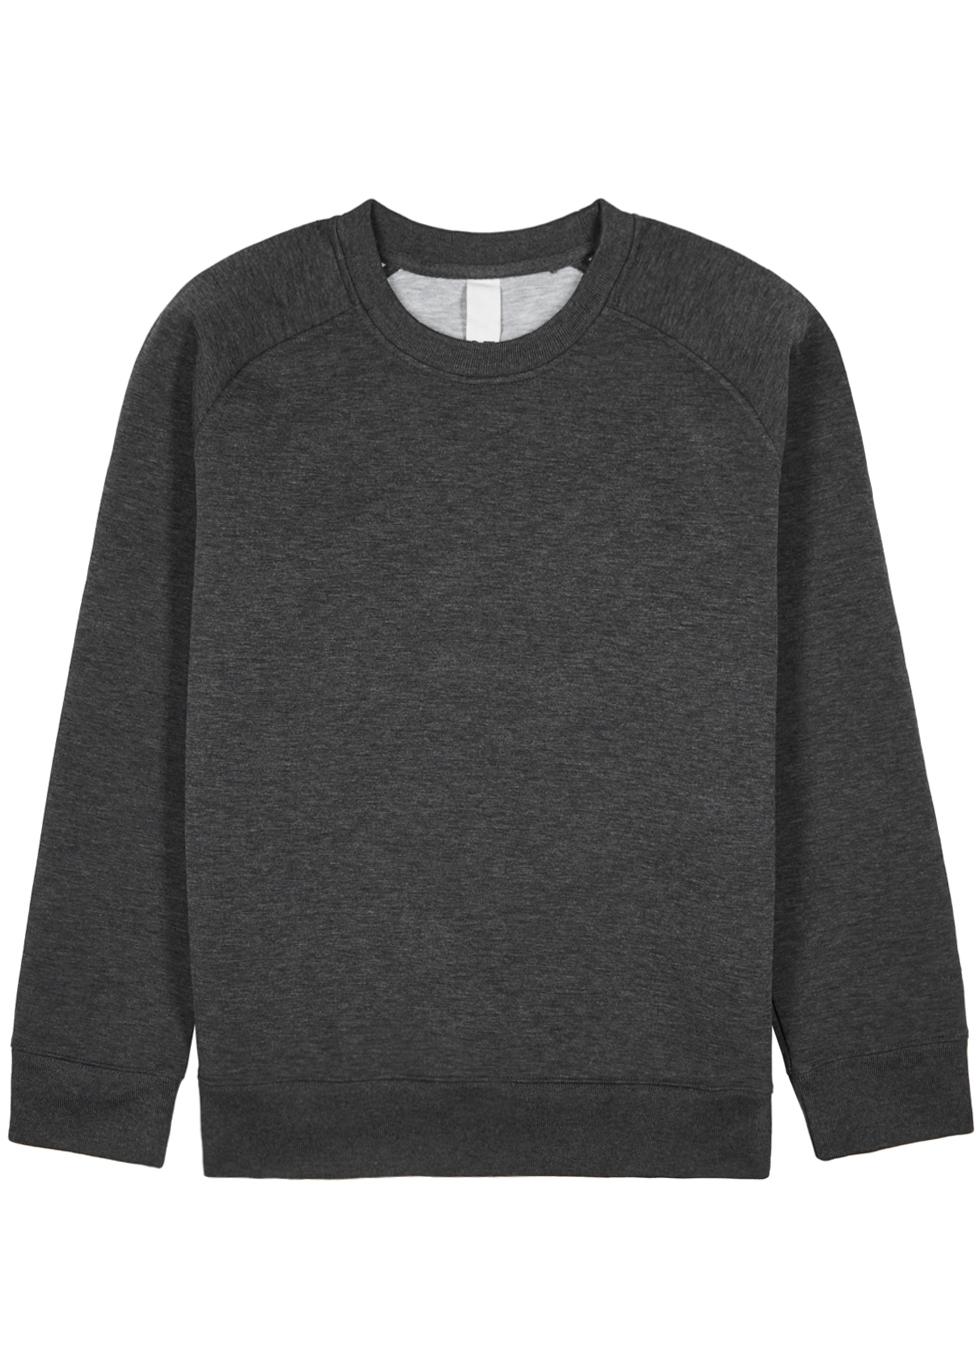 M.C. OVERALLS Dark Grey Neoprene Sweatshirt